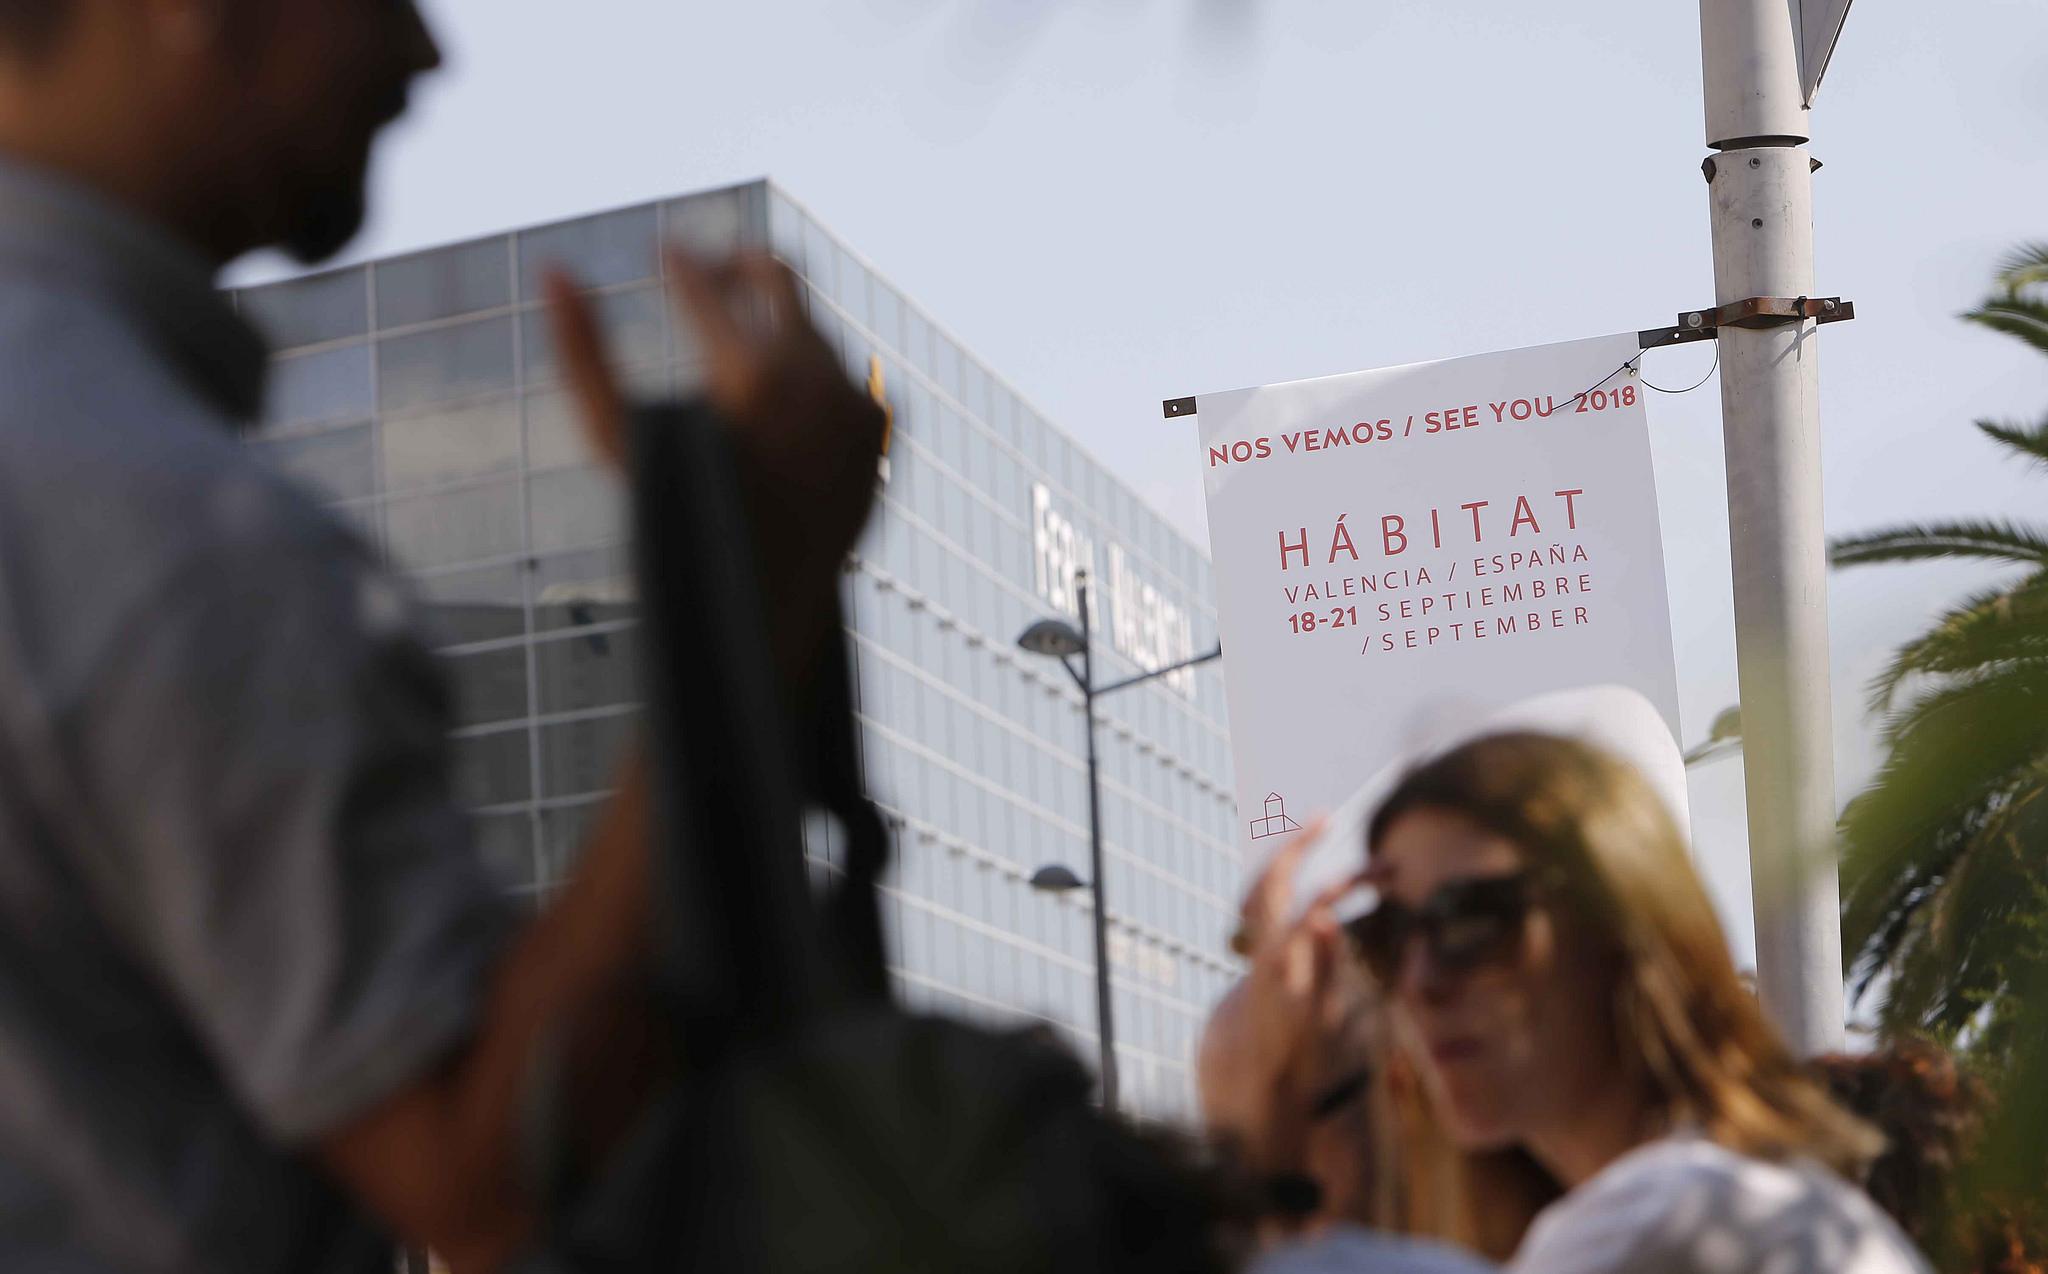 Feria Habitat Valencia vuelve en Septiembre con nuevas propuestas 1